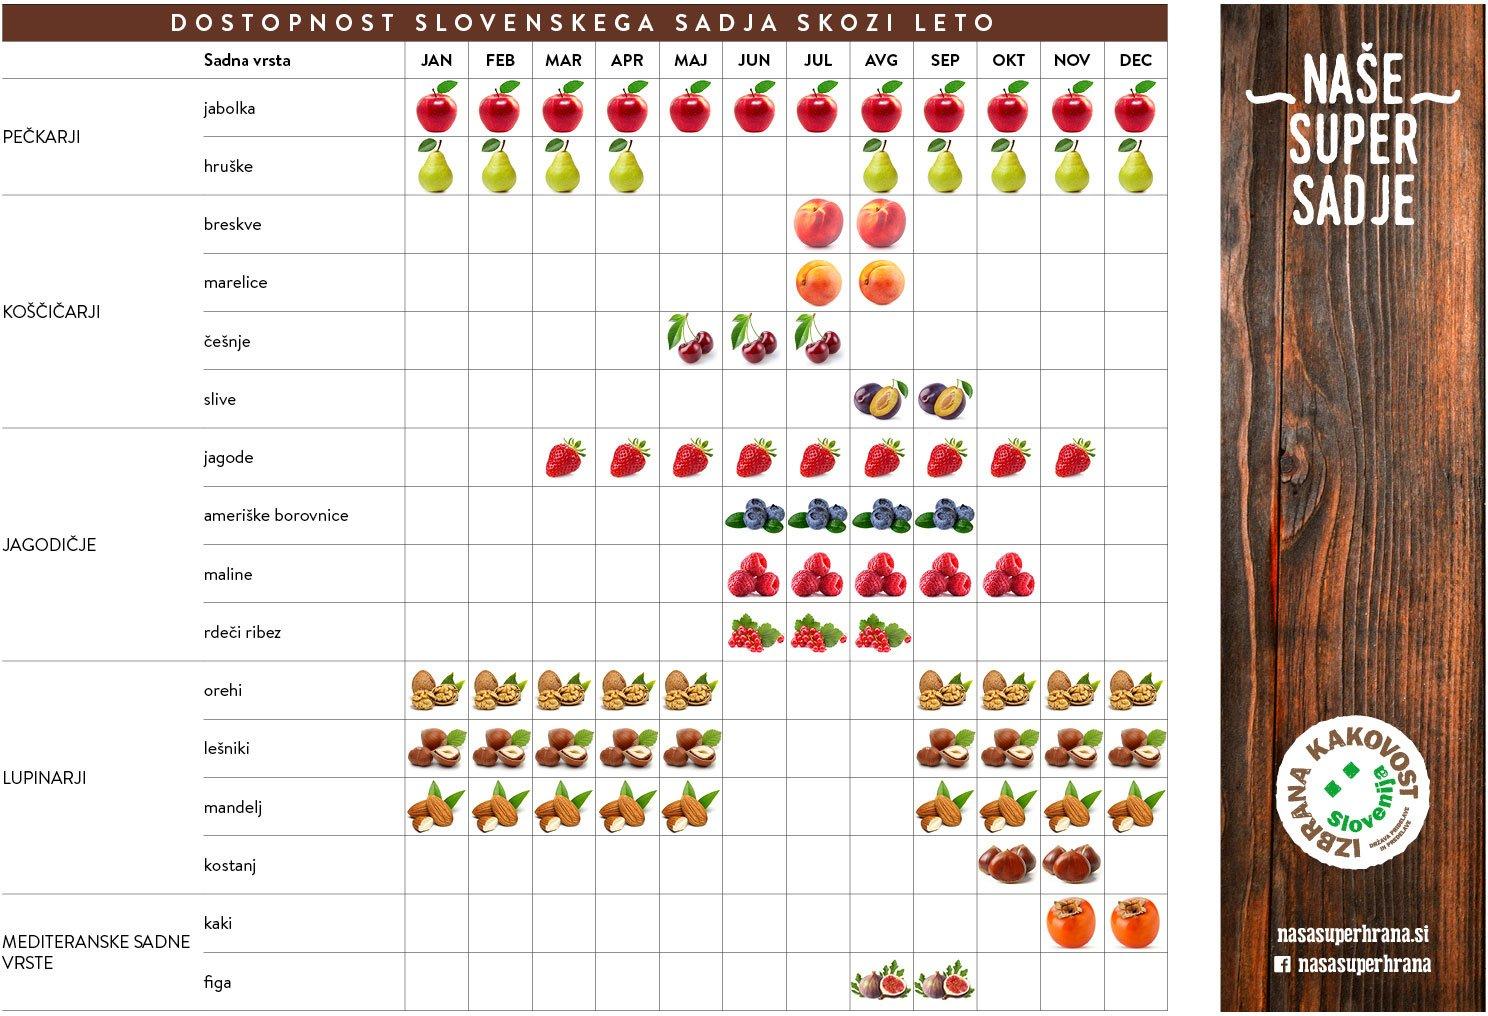 Tabela - dostopnost slovenskega sadja skozi leto